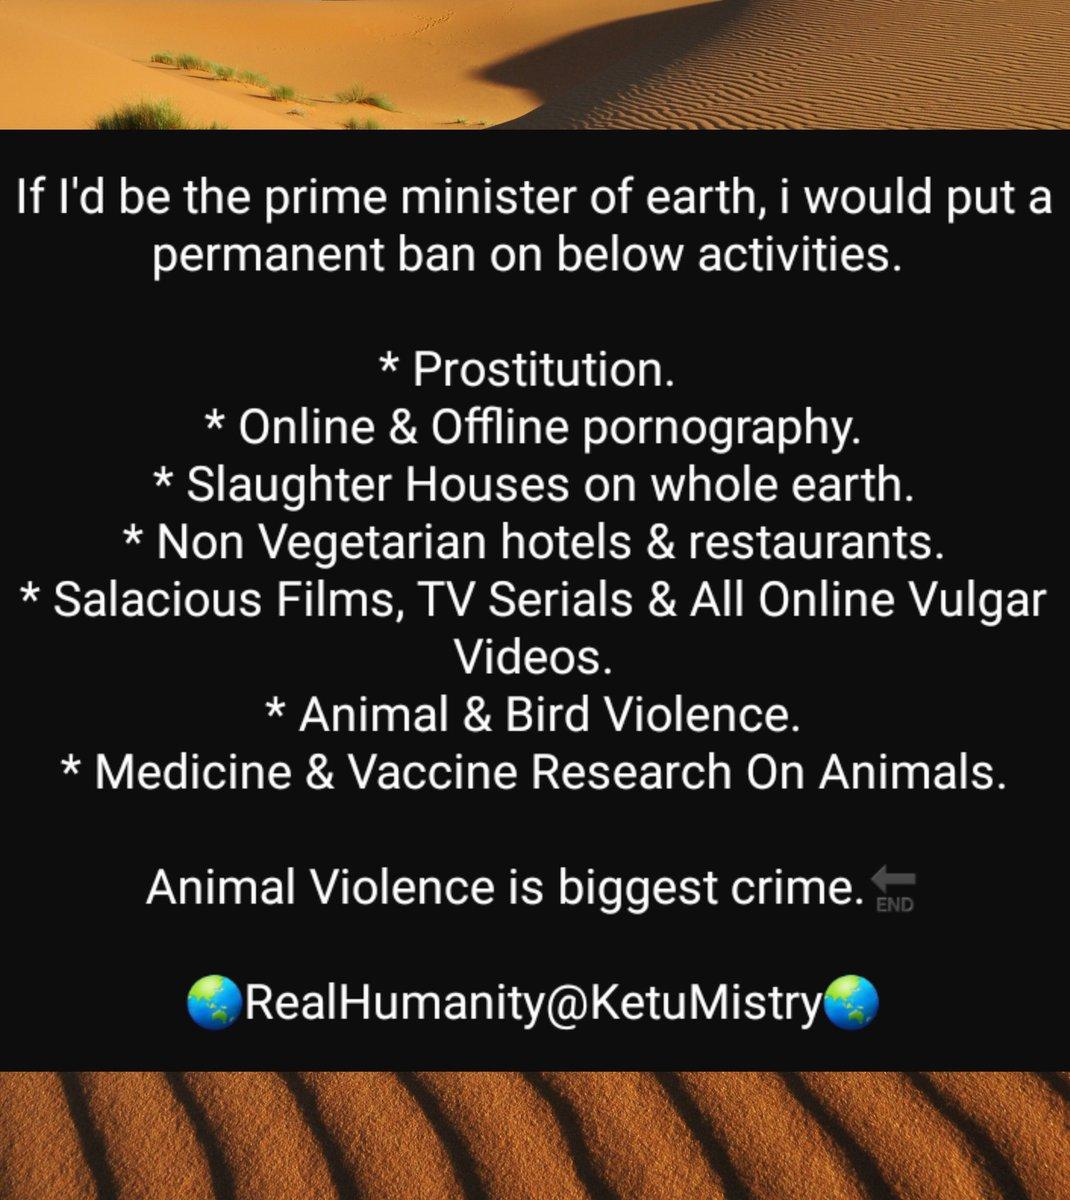 #Tripura #UttarPradesh #Uttarakhand #WestBengal #Andamanandnicobarislands #Chandigarh #DadraNagarHaveli #Daman #Diu #Delhi #Lakshadweep #Puducherry #Nepal #China #Pashupatinathsingh #Annasaheb #BJP #Congress #Bennybehanan #PratapraoJadhav #GajananKirtikar #IndiaFightsCorona #savepic.twitter.com/AX2qm8ZMM7